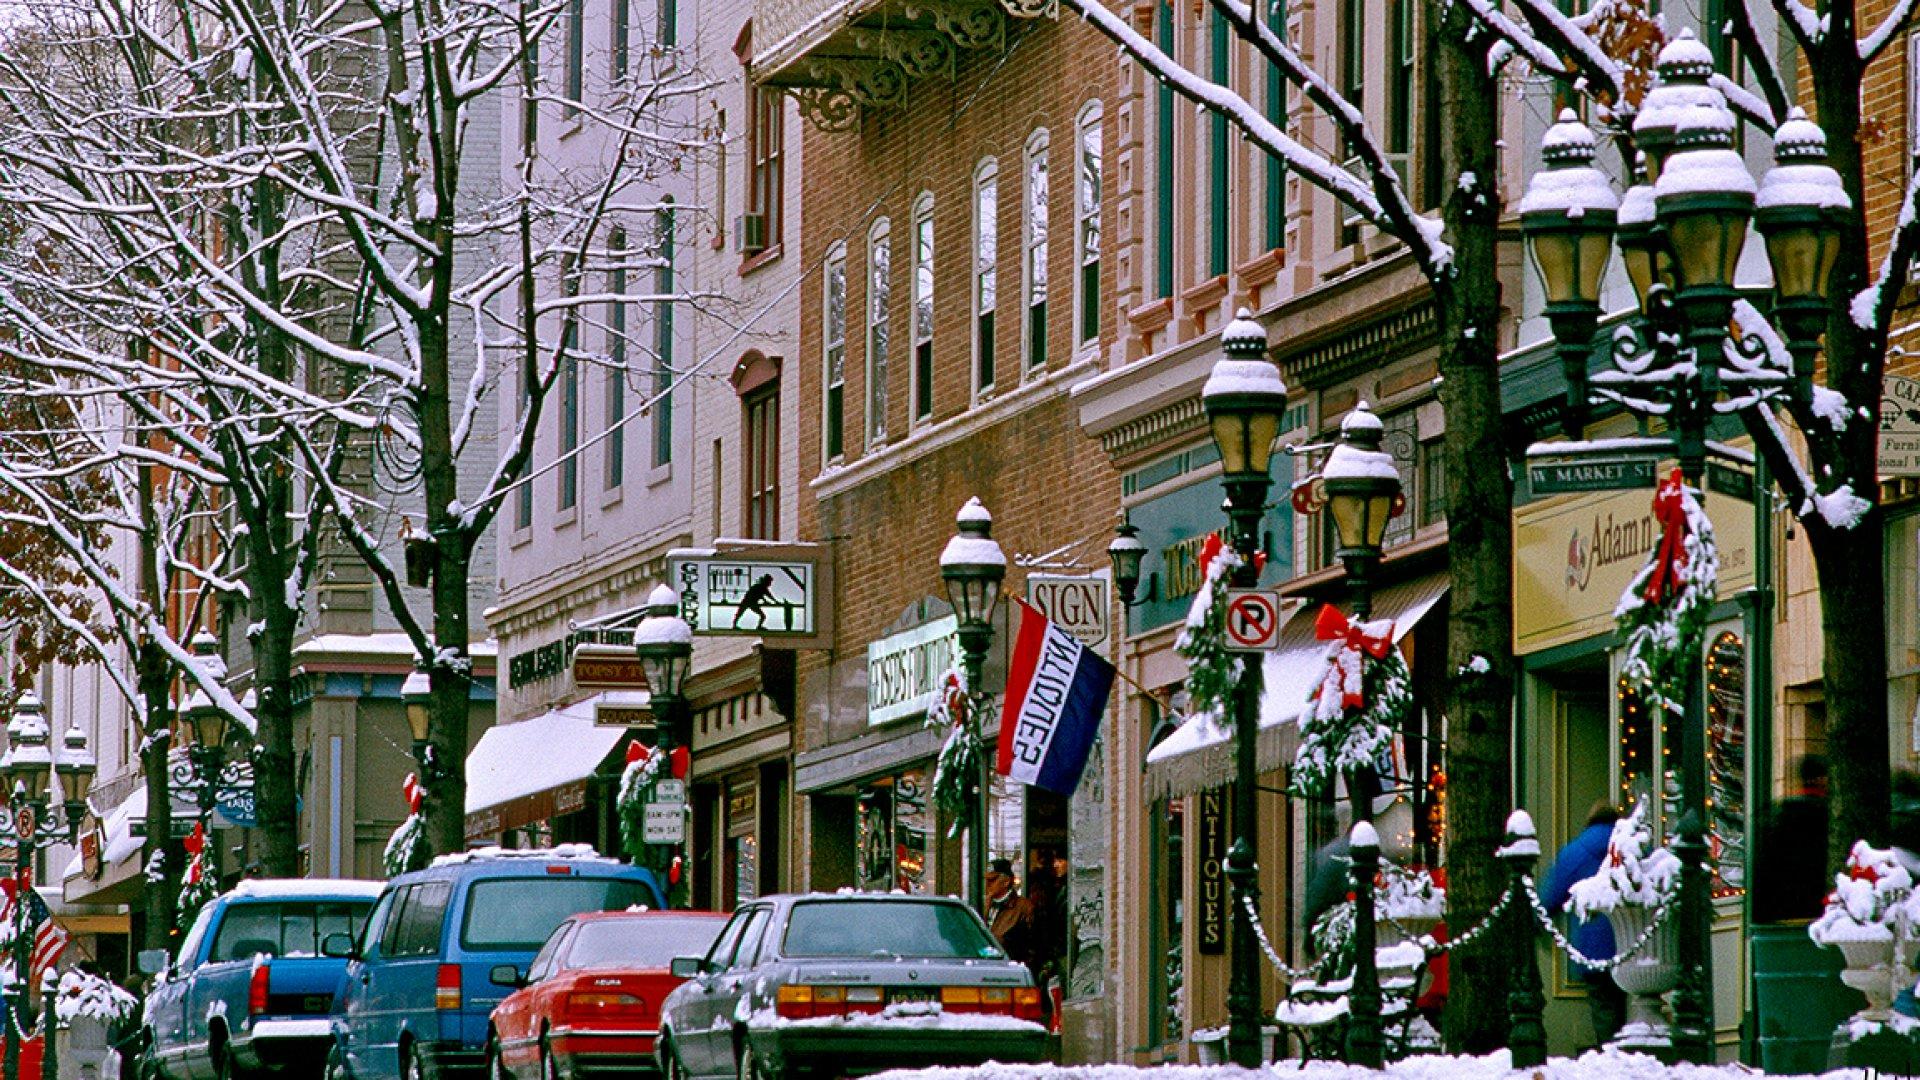 Bethlehem, Pennsylvania.